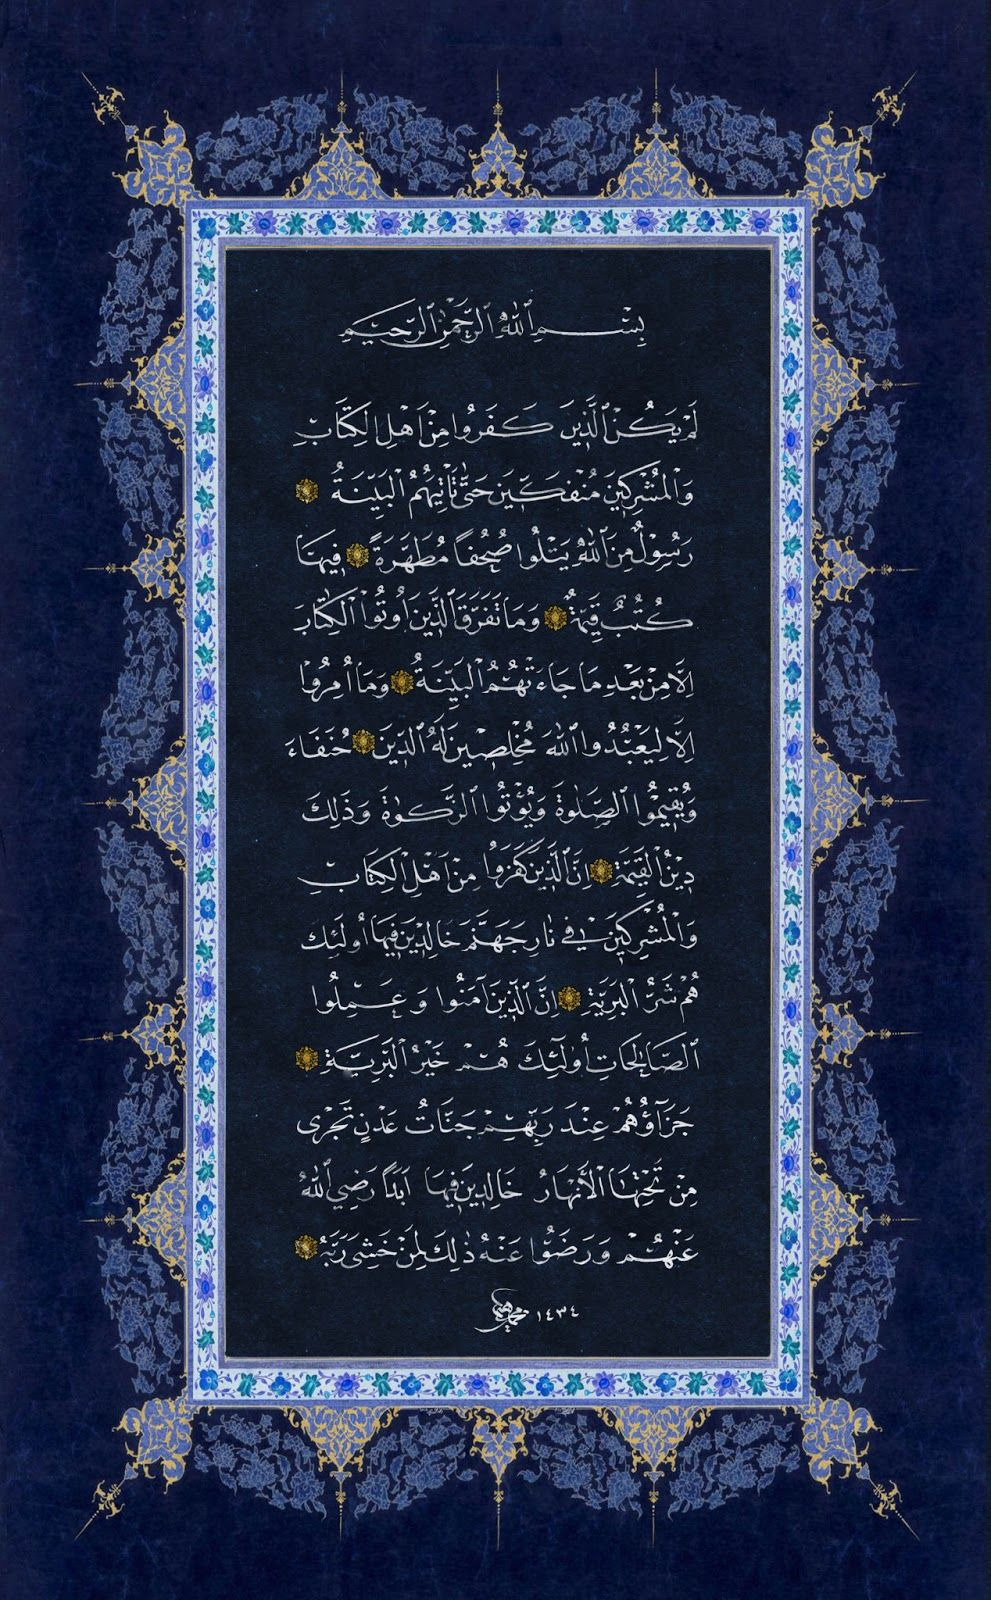 سورة البينة Islamic Art Calligraphy Islamic Calligraphy Islamic Calligraphy Painting